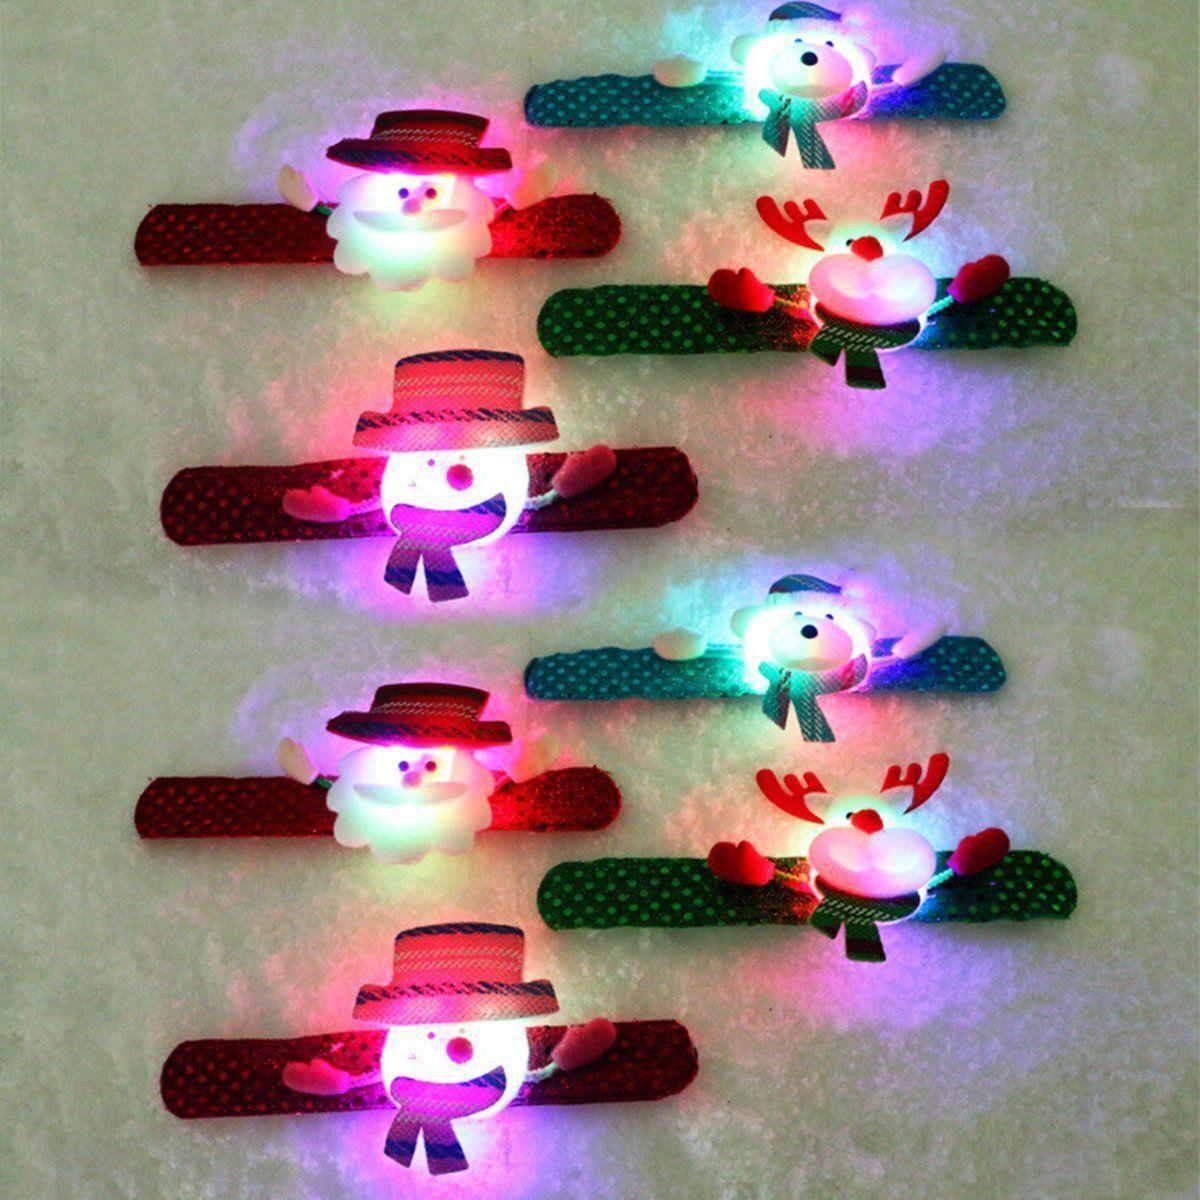 LED Slap Band Glowing Wristband Light Up Bracelet For Christ